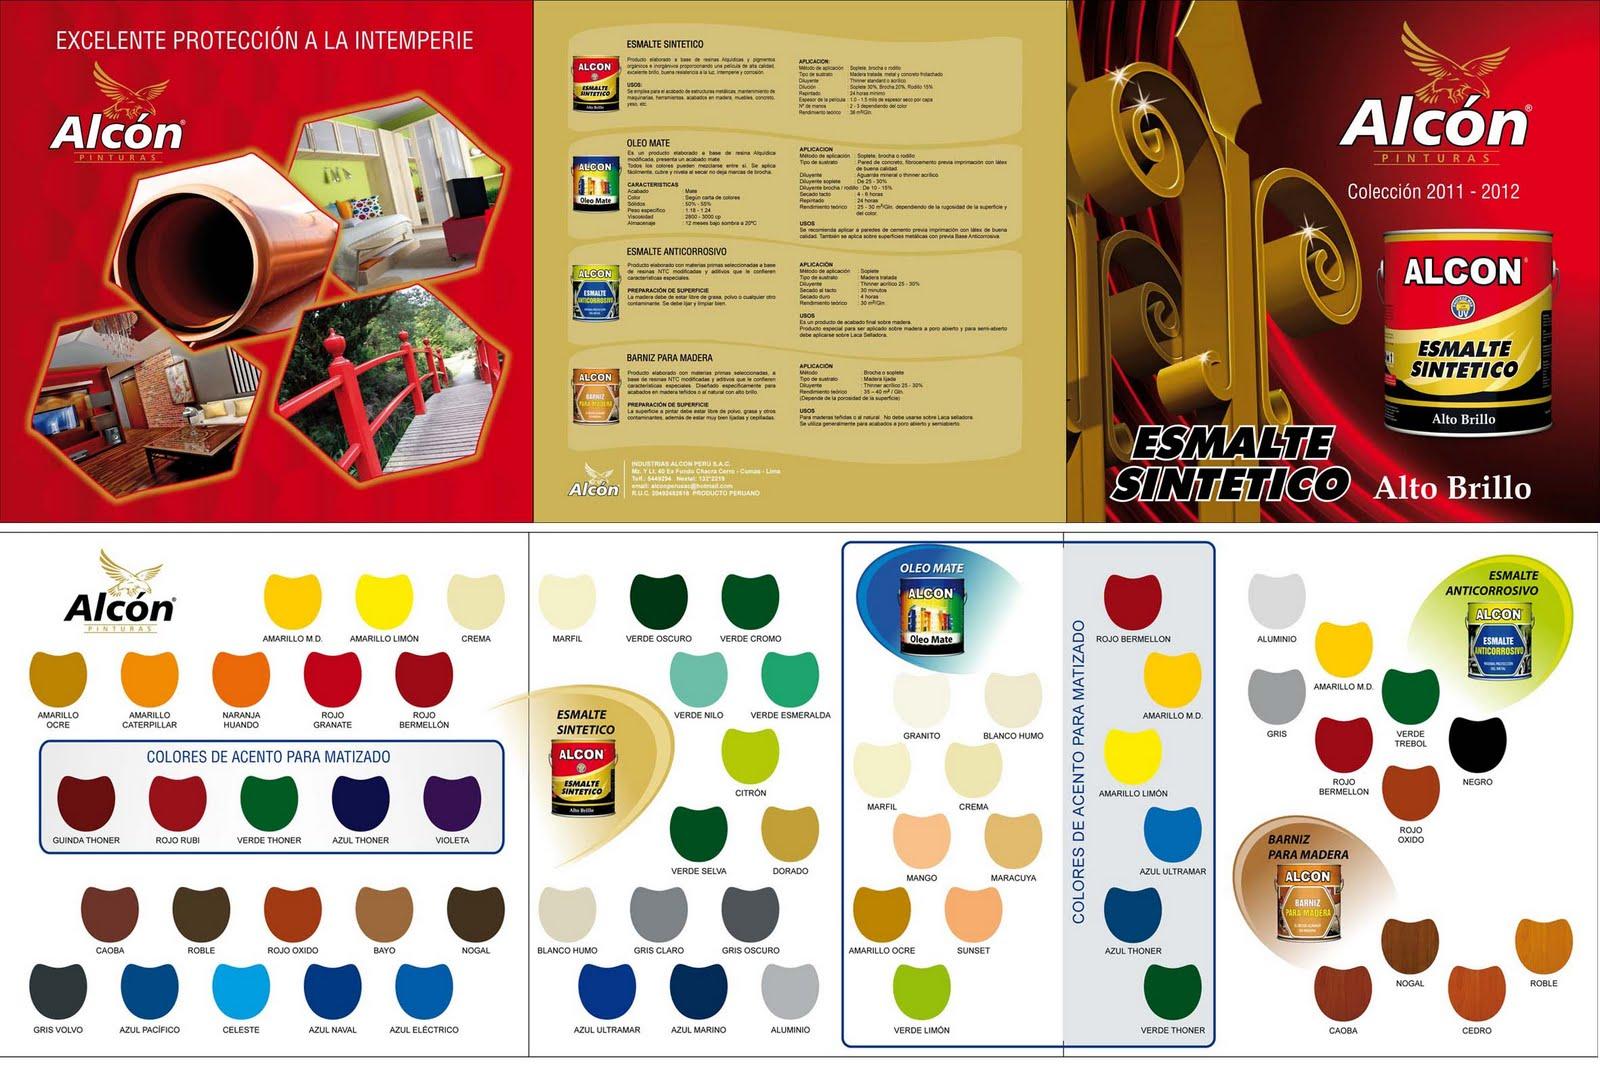 Catalogo de pinturas alcon arte dise o y publicidad - Catalogo pinturas bruguer ...